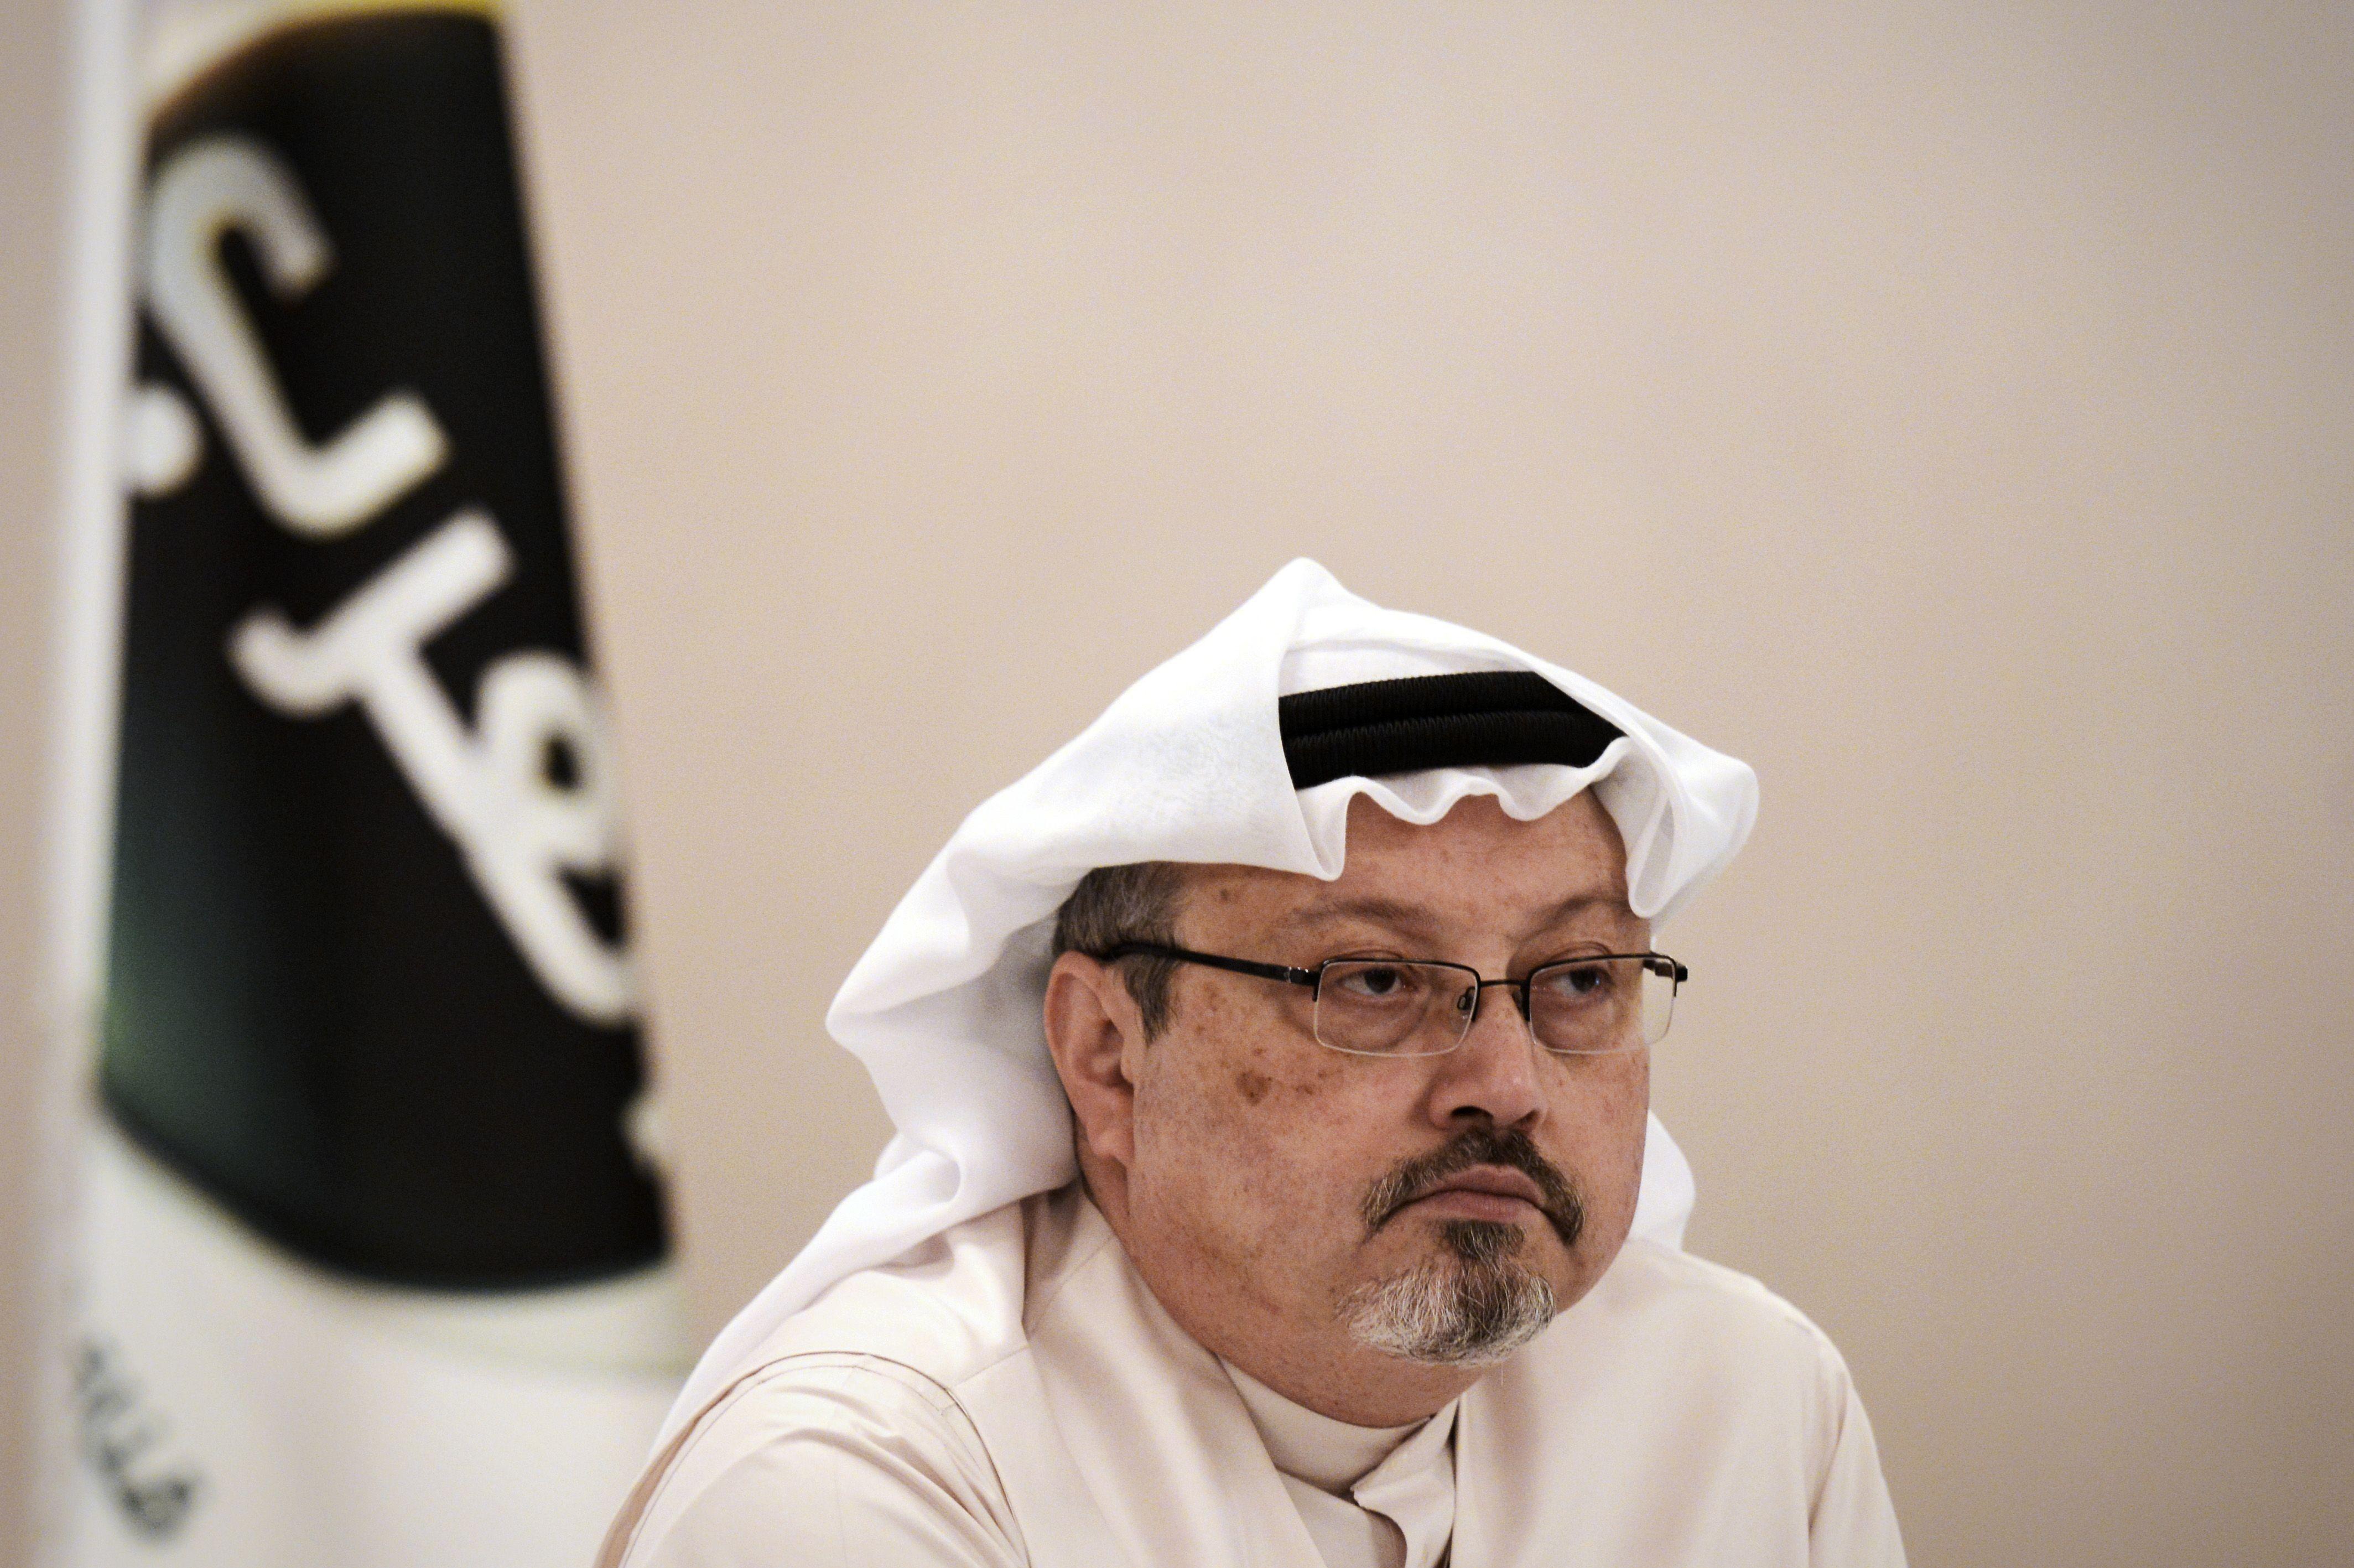 Jornalista Jamal Khashoggi, desaparecido após ter entrado em consulado saudita em Istambul